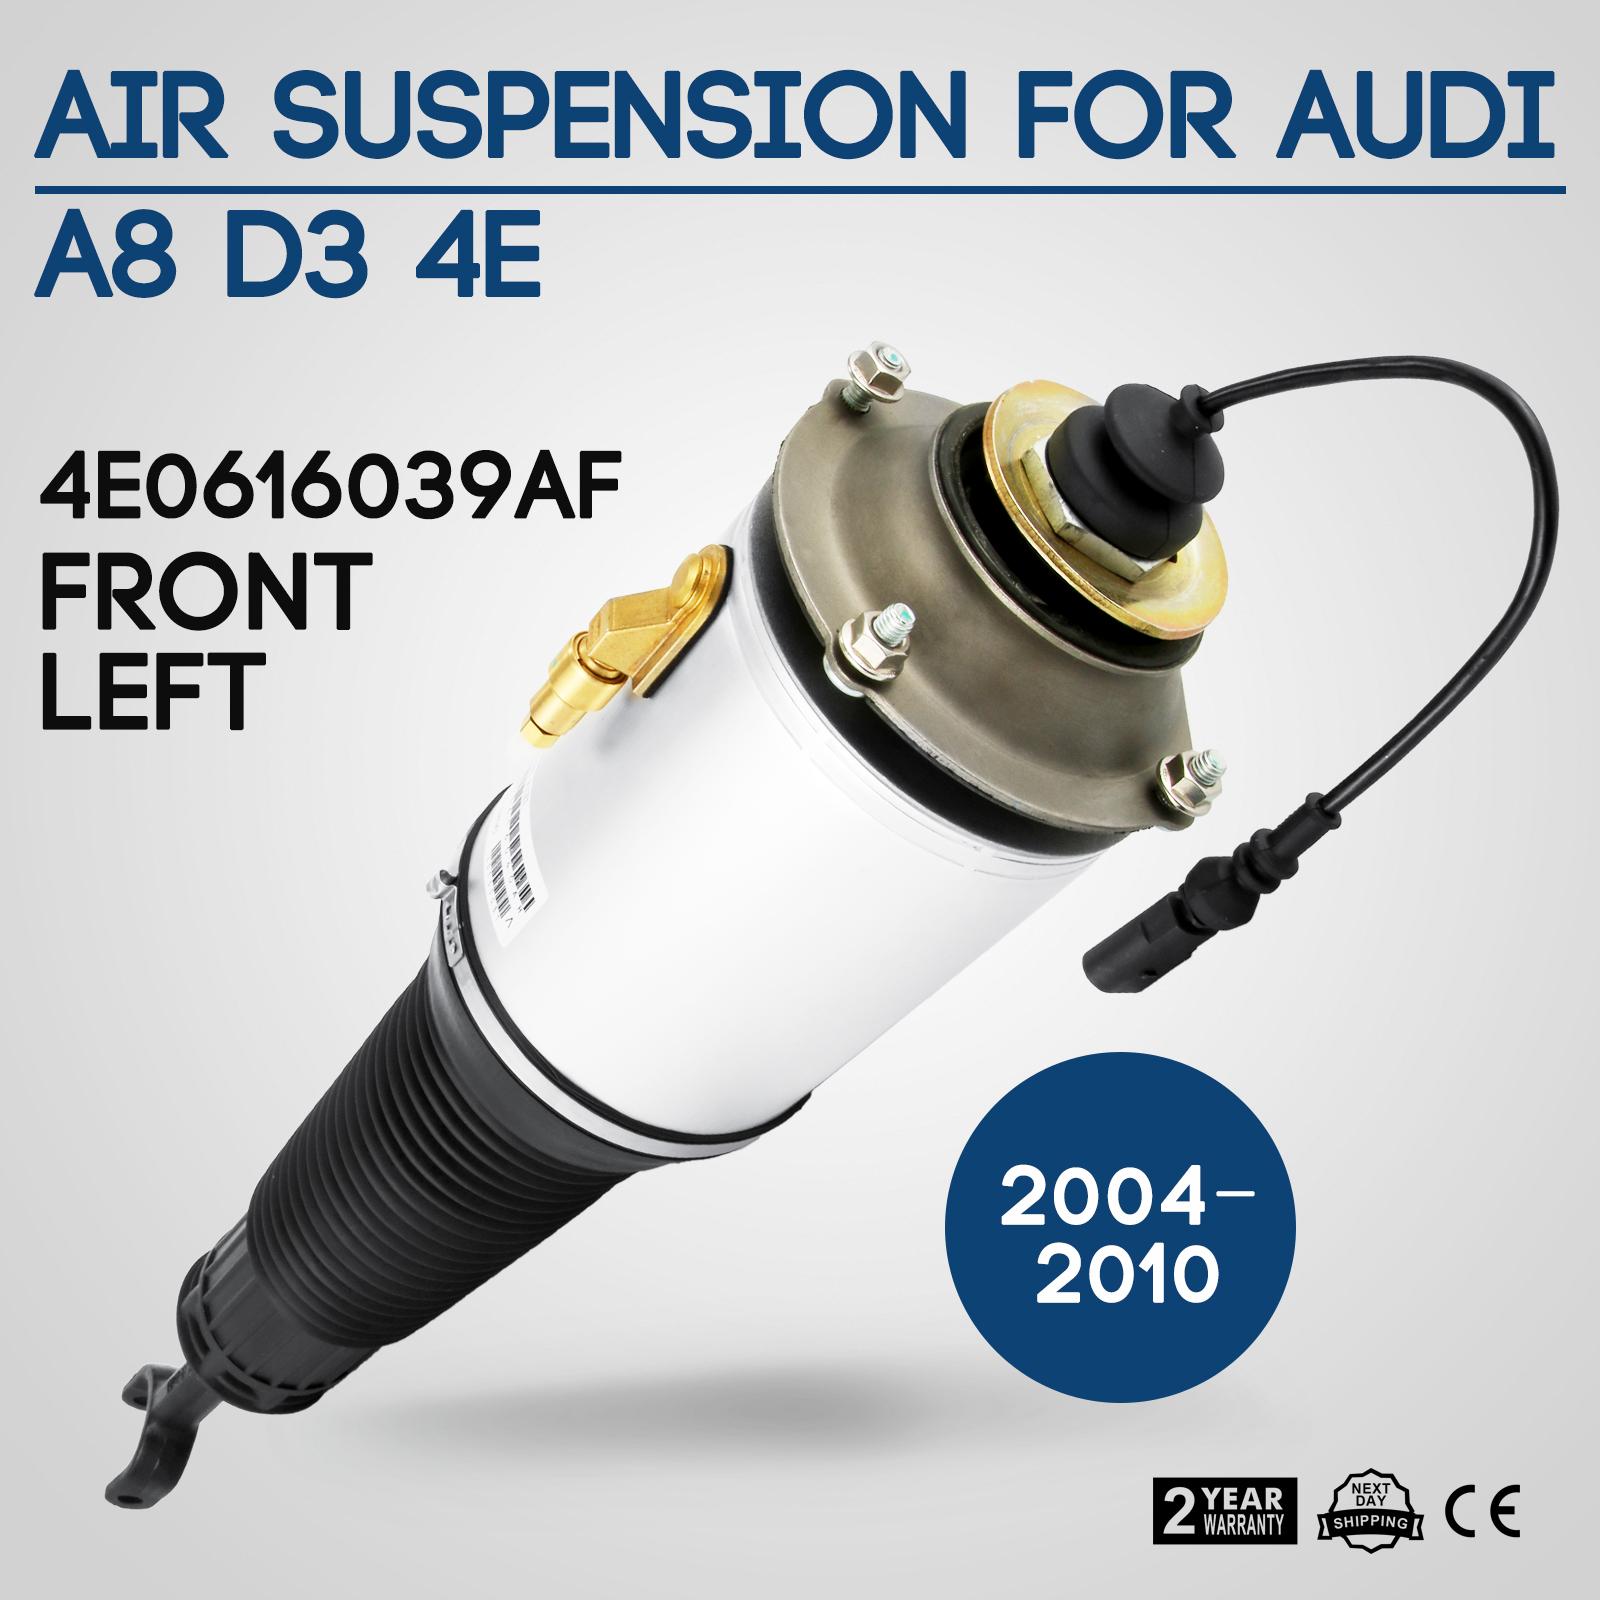 Front Left Air Suspension Shock Strut Assembly For 2002-10 Audi A8 Quattro D3 4E